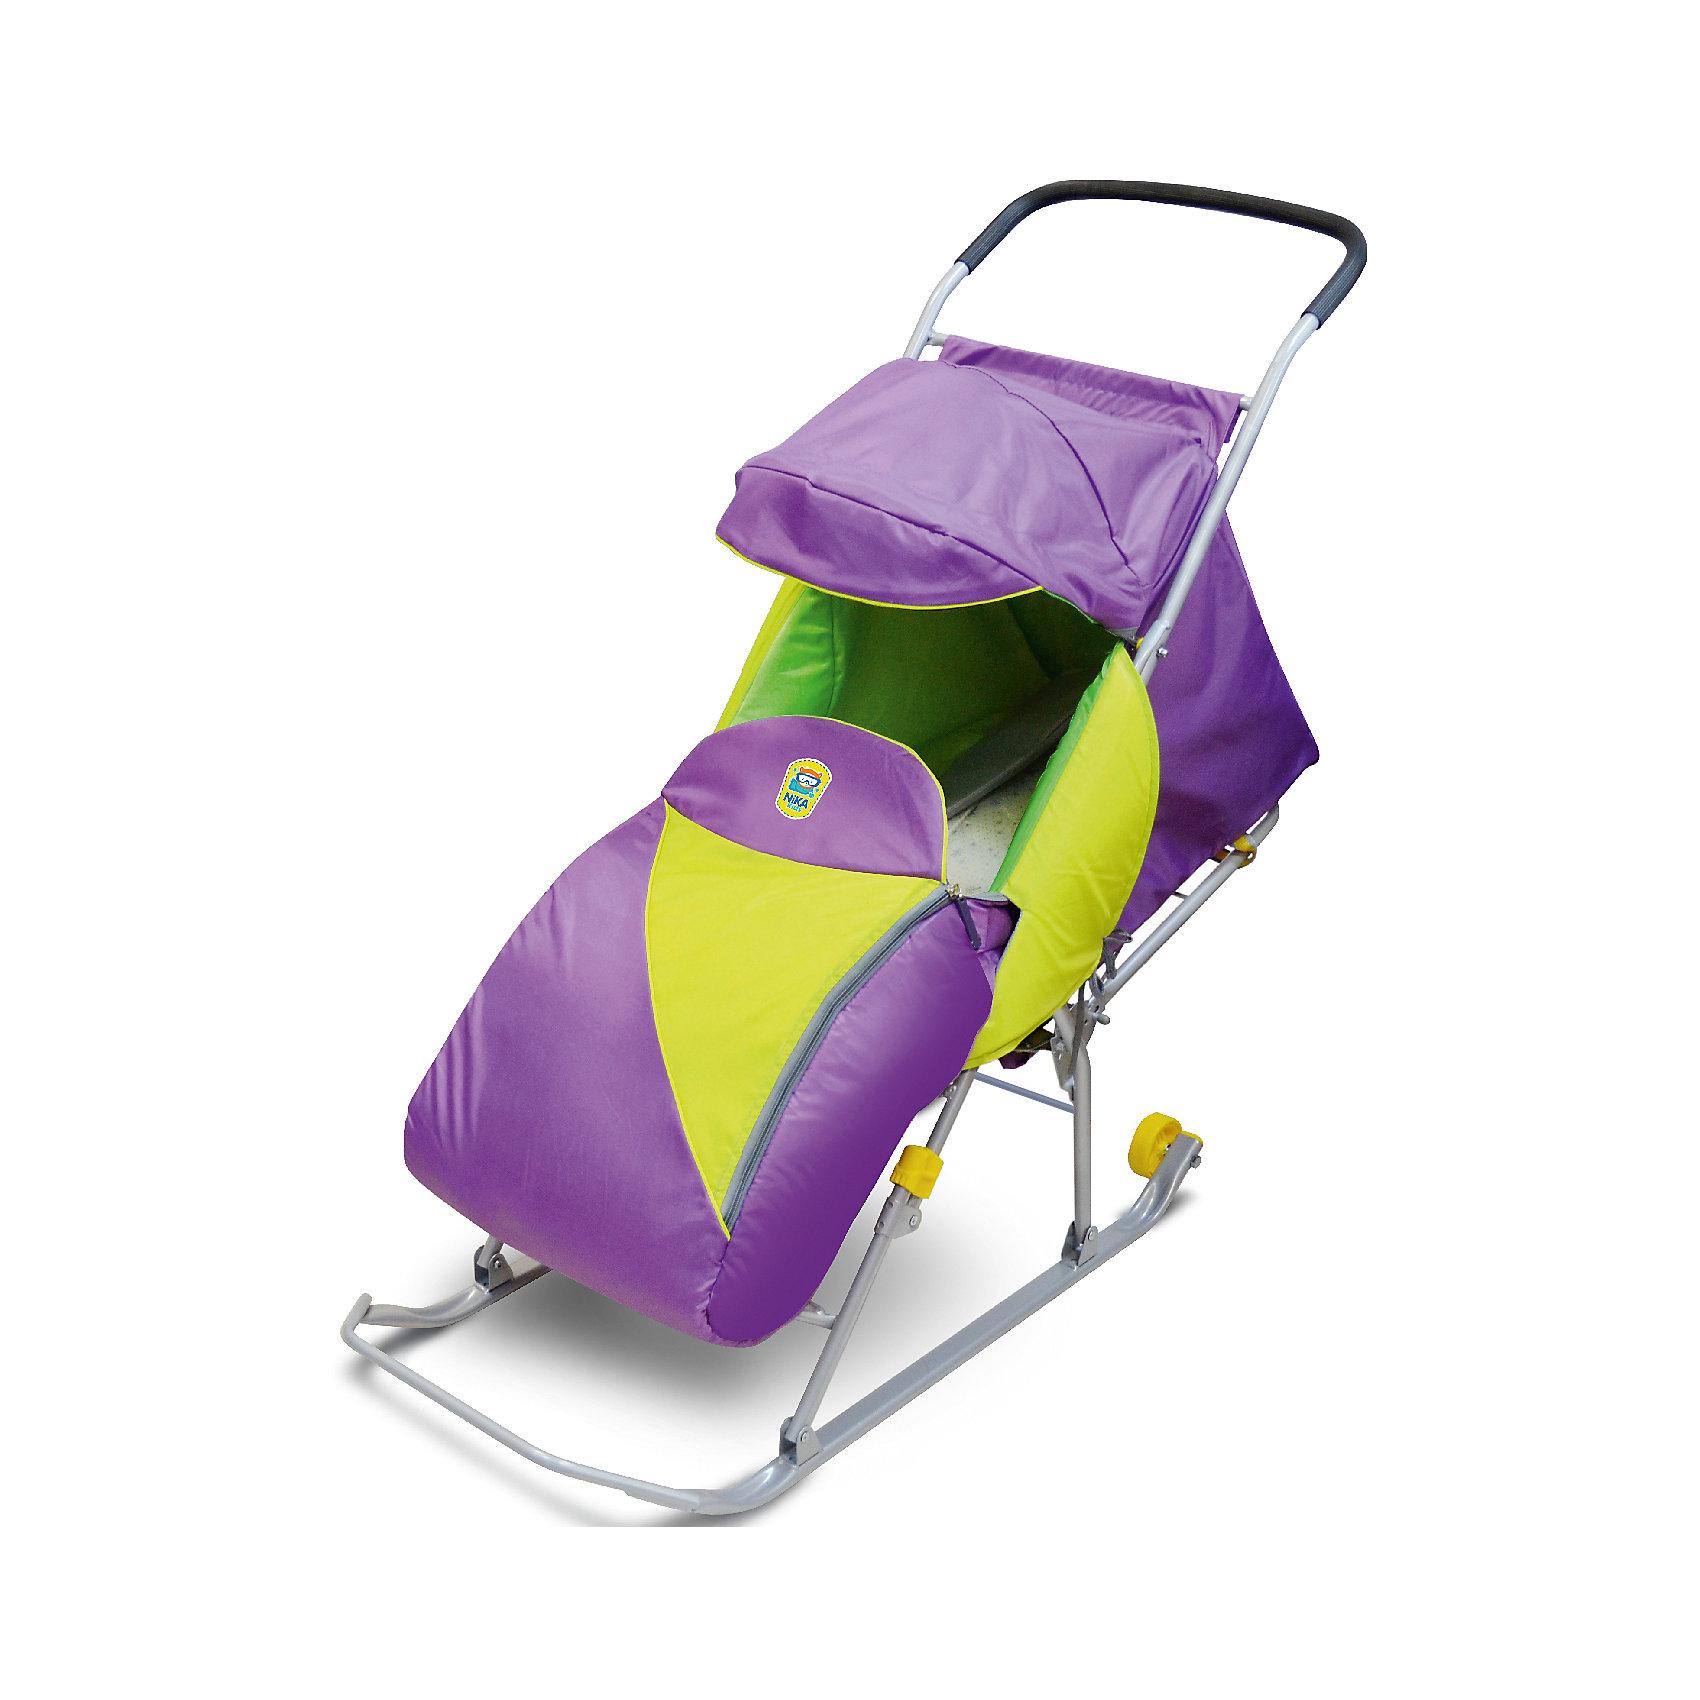 Санки-коляска Тимка Премиум, лавандаСанки-коляска Тимка Премиум, лаванда – незаменимая вещь для снежной зимы.<br>Удобные и полностью безопасные санки оснащены трехточечным ремнем безопасности, не позволяющим ребенку упасть при езде и получить травму. Спинка регулируется в три положения: сидя, полулежа и лежа. Усиленный складной каркас и плоские полозья 30 мм с обрезиненными колесами позволяют санкам ехать как по очень снежной тропе, так и по тропе с минимальным количеством снега одинаково хорошо. Козырек с двумя секциями защищает от дождя и снега и при желании складывается. Для того чтобы ноги малыша были в тепле, есть чехол для ног на молнии. Для полной безопасности санки оснащены светоотражающим кантом.<br><br>Дополнительная информация:<br><br>- размер в разложенном виде 1080х416х970мм<br>- размер в сложенном виде 1100х416х200мм<br>- вес изделия 5,9кг<br>- материал: металл, полиэстер<br><br>Санки-коляску Тимка Премиум, лаванда можно купить в нашем интернет-магазине.<br><br>Ширина мм: 1110<br>Глубина мм: 416<br>Высота мм: 200<br>Вес г: 5900<br>Возраст от месяцев: 12<br>Возраст до месяцев: 48<br>Пол: Унисекс<br>Возраст: Детский<br>SKU: 4937461